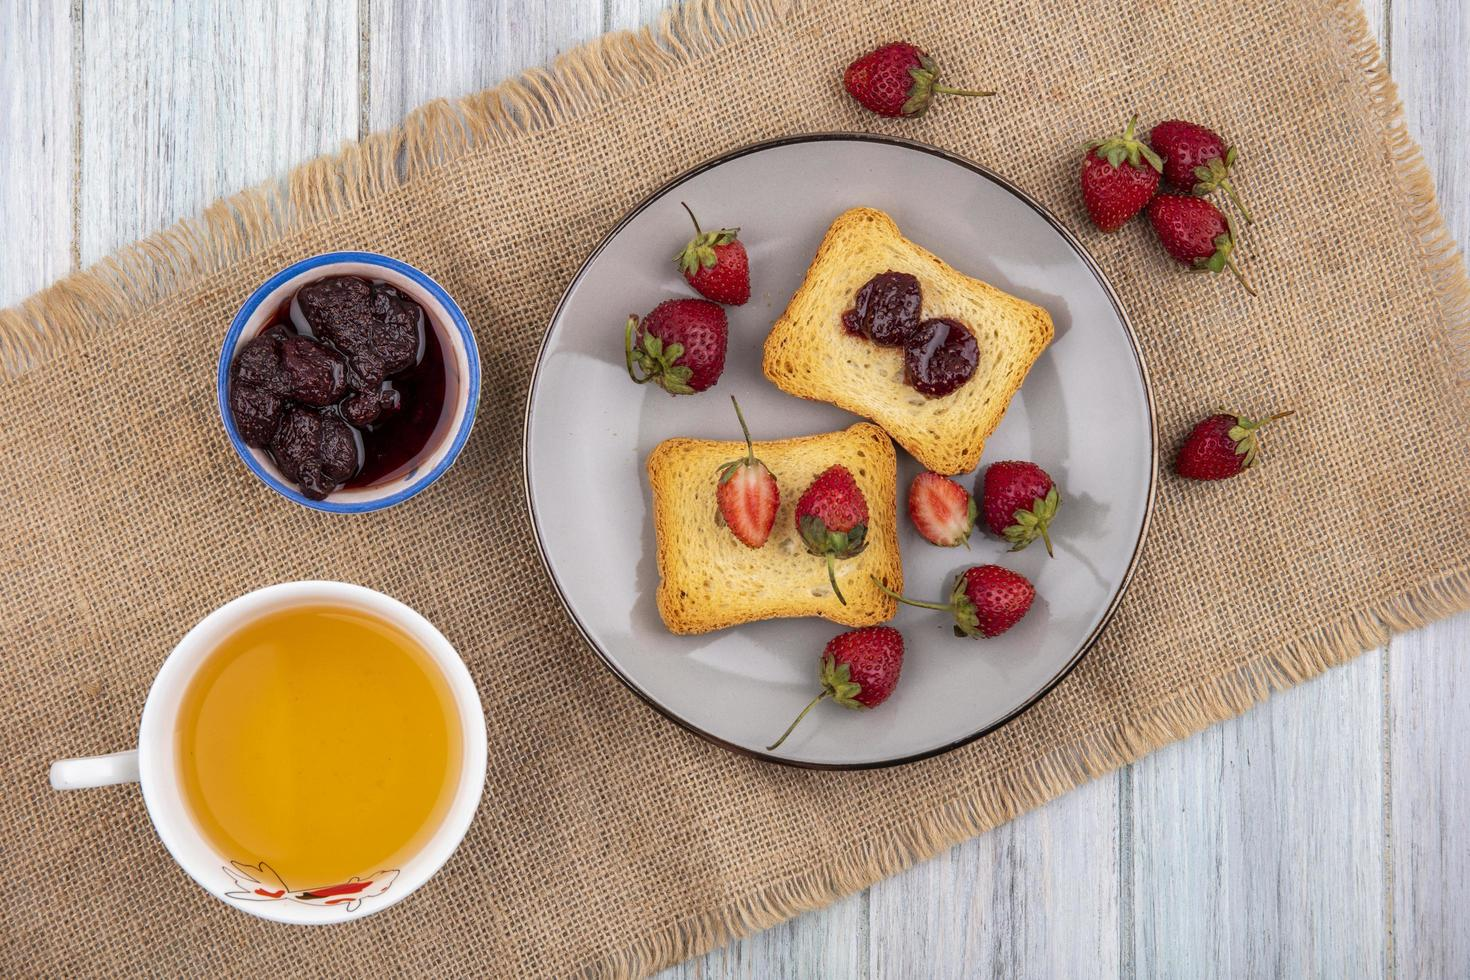 Tostadas y fruta en un plato sobre fondo de madera gris foto